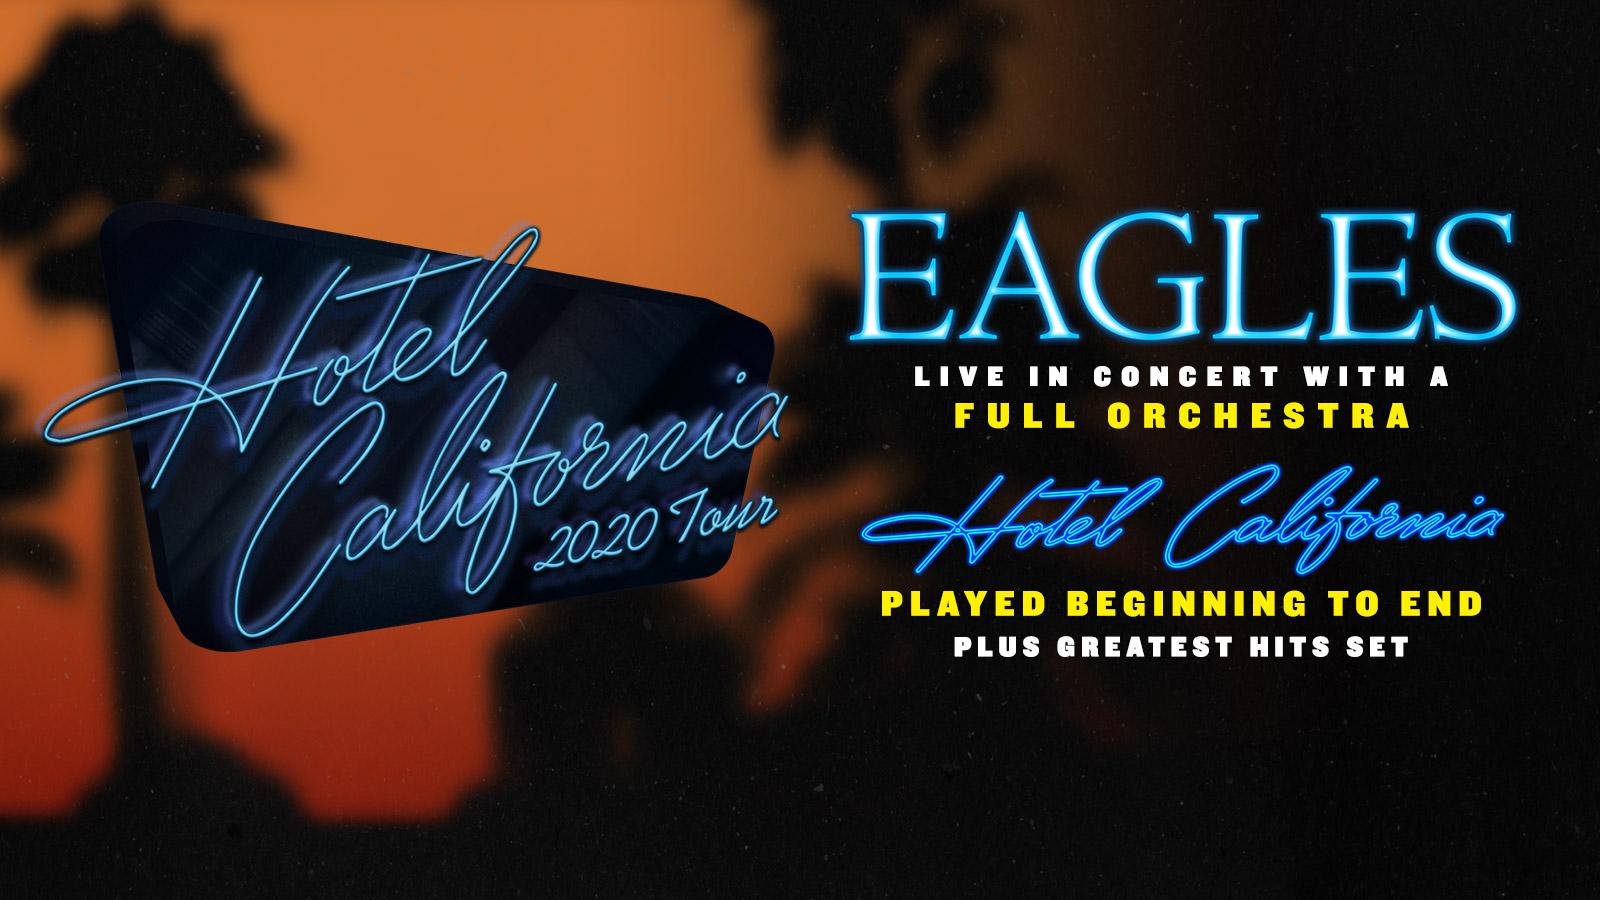 Eagles Tour 2020.Eagles Official Site